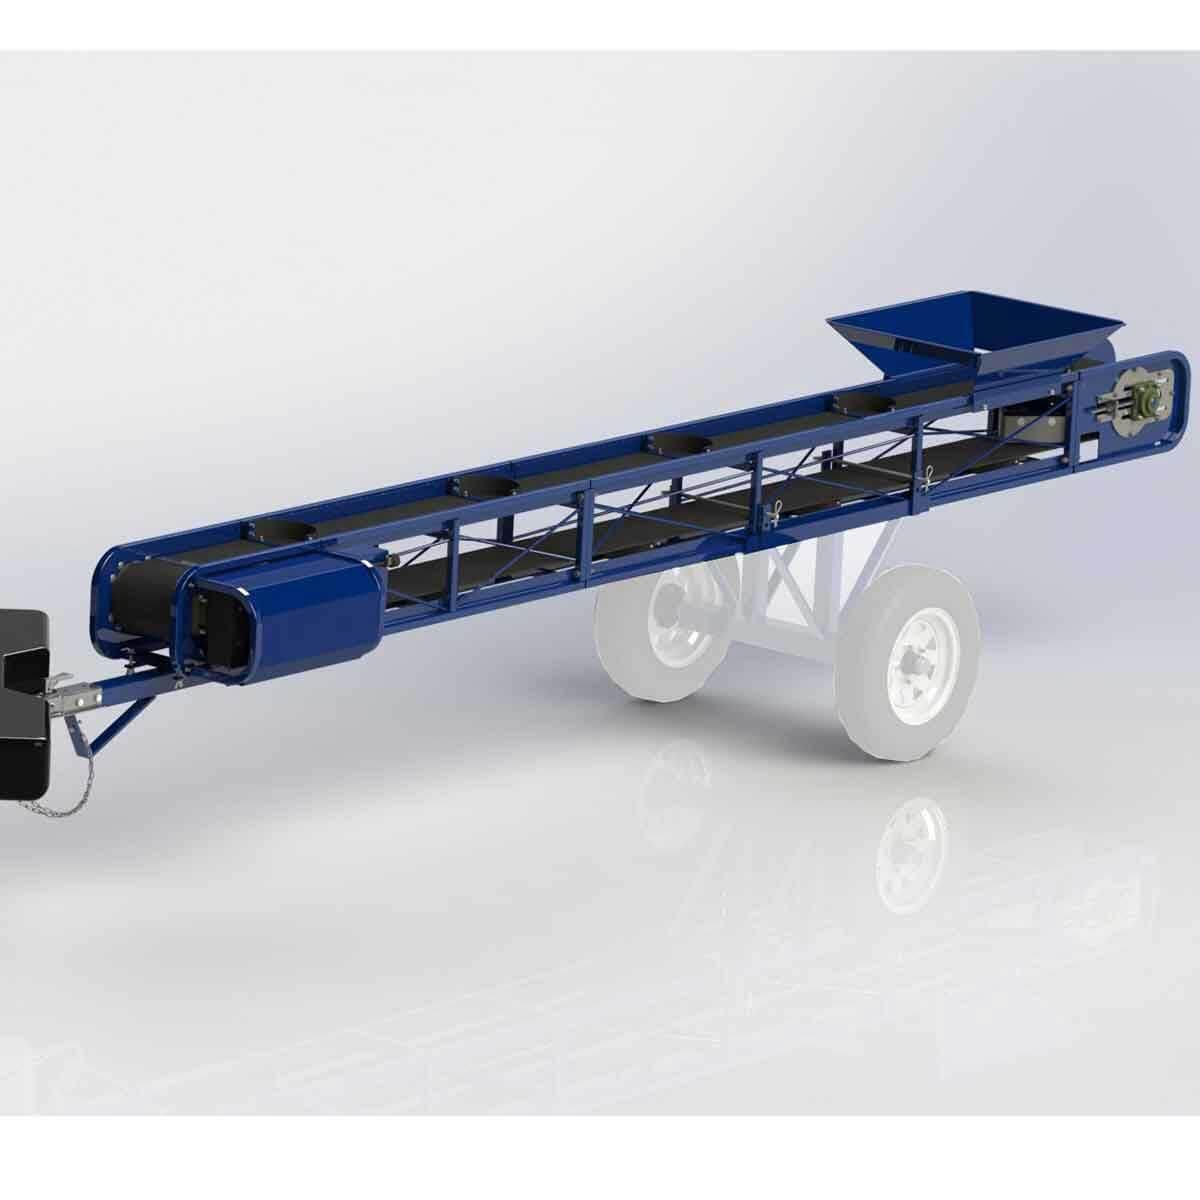 Clairco Portable Modular Conveyors